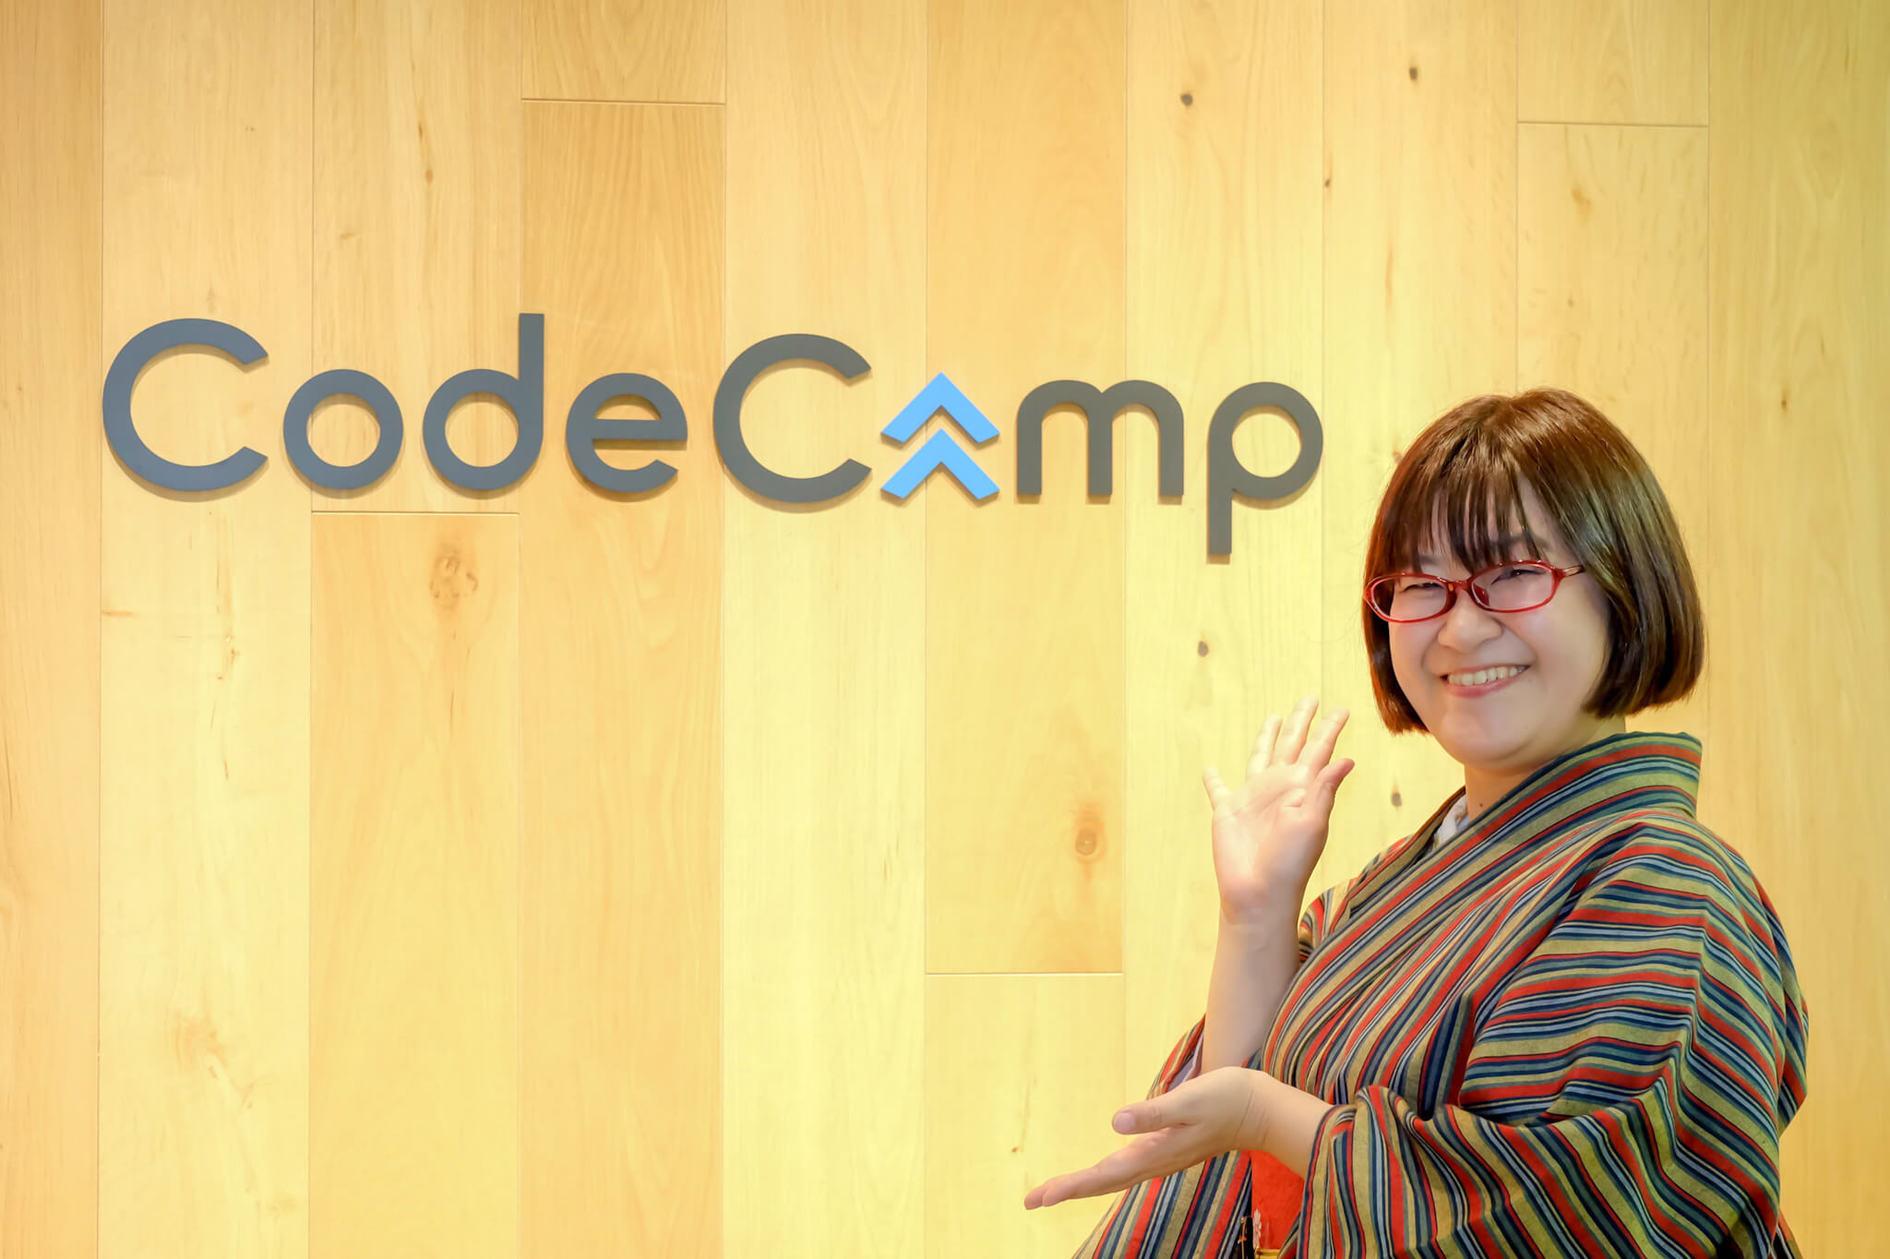 キャリアも子育ても、自分らしい生き方を実現してほしい【CodeCamp人気講師 #13 松本先生】